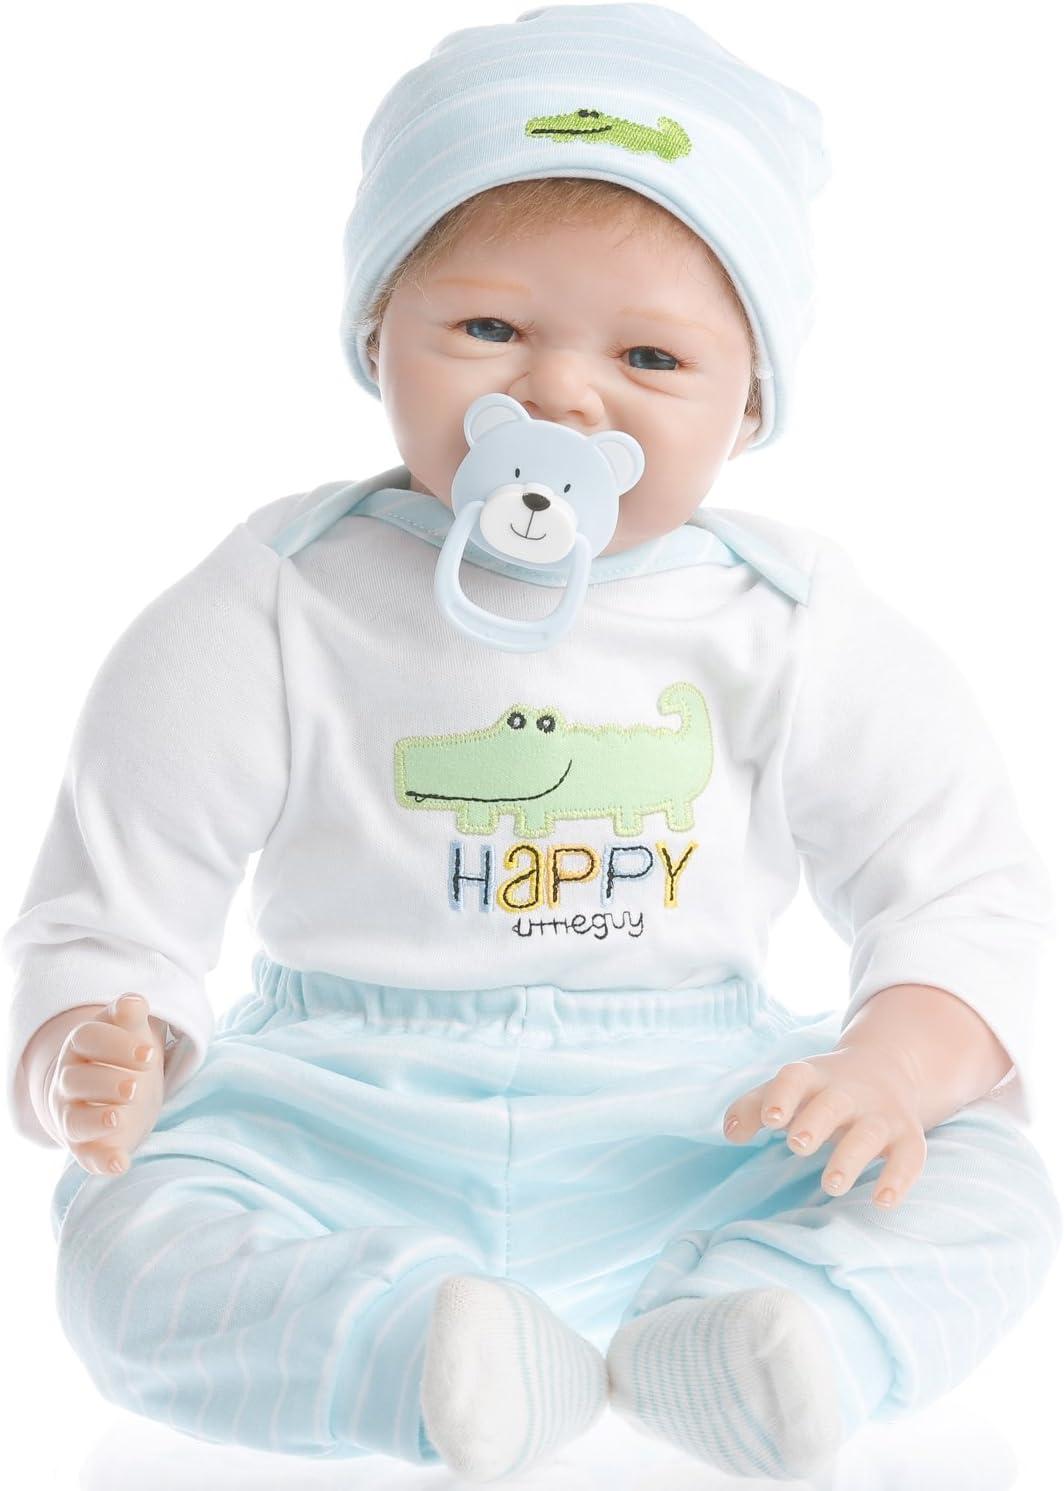 reborn toddlers under $100